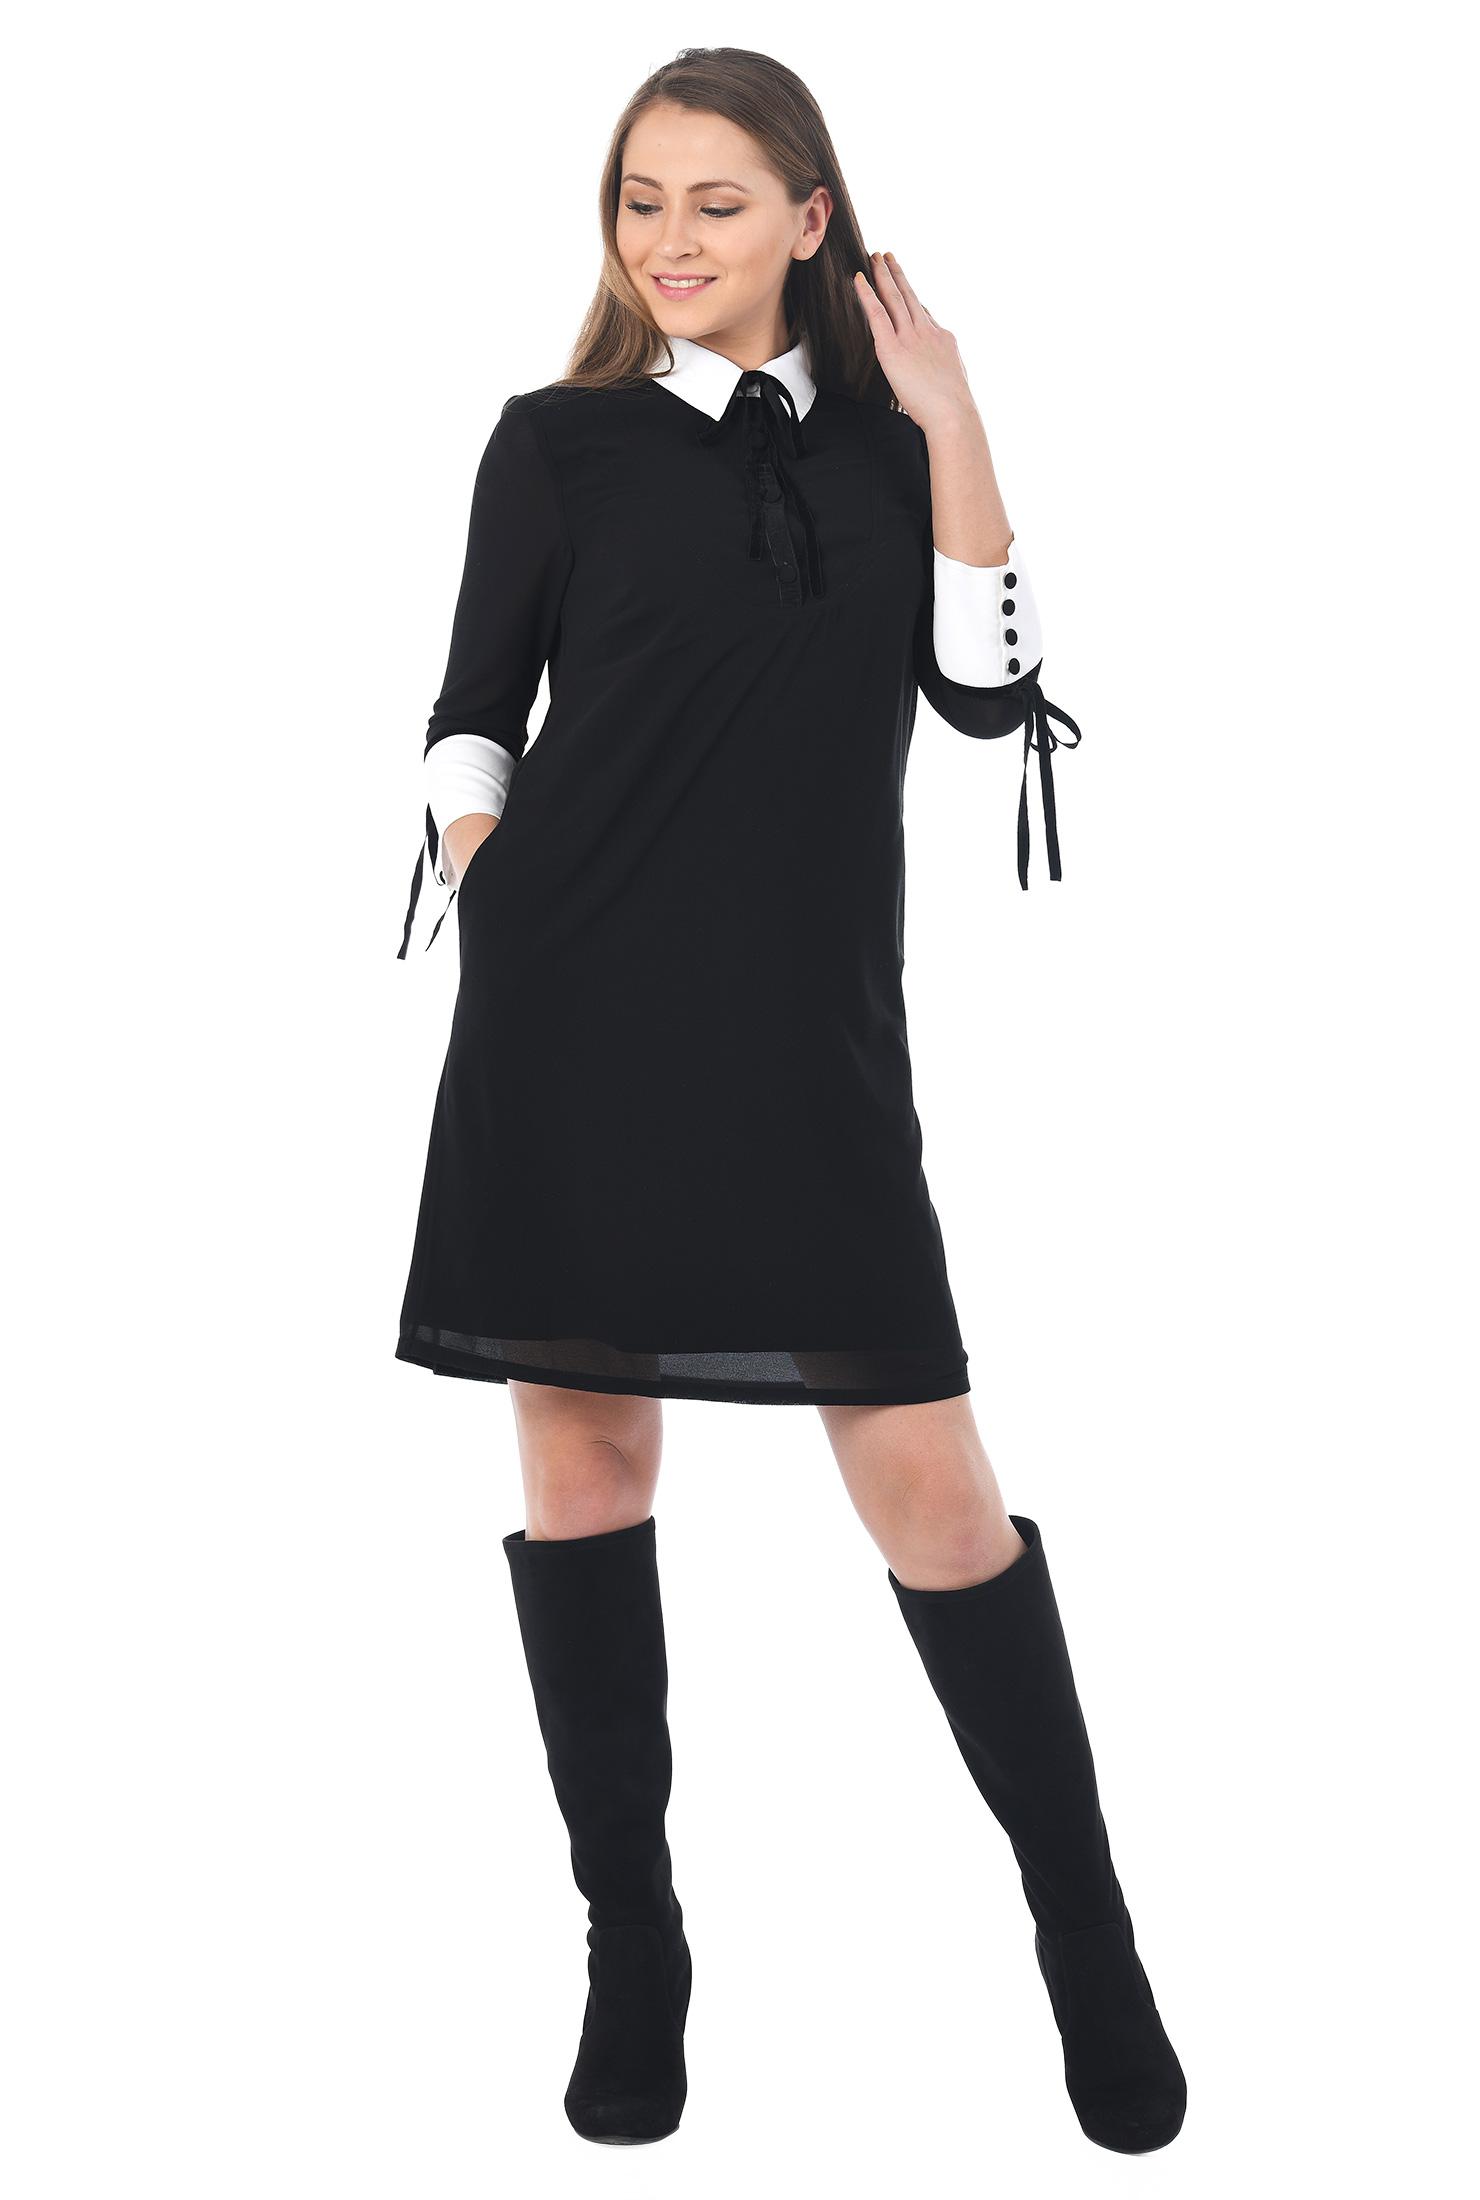 eShakti Women's Tie cuffs chiffon shift shirtdress CL0053616